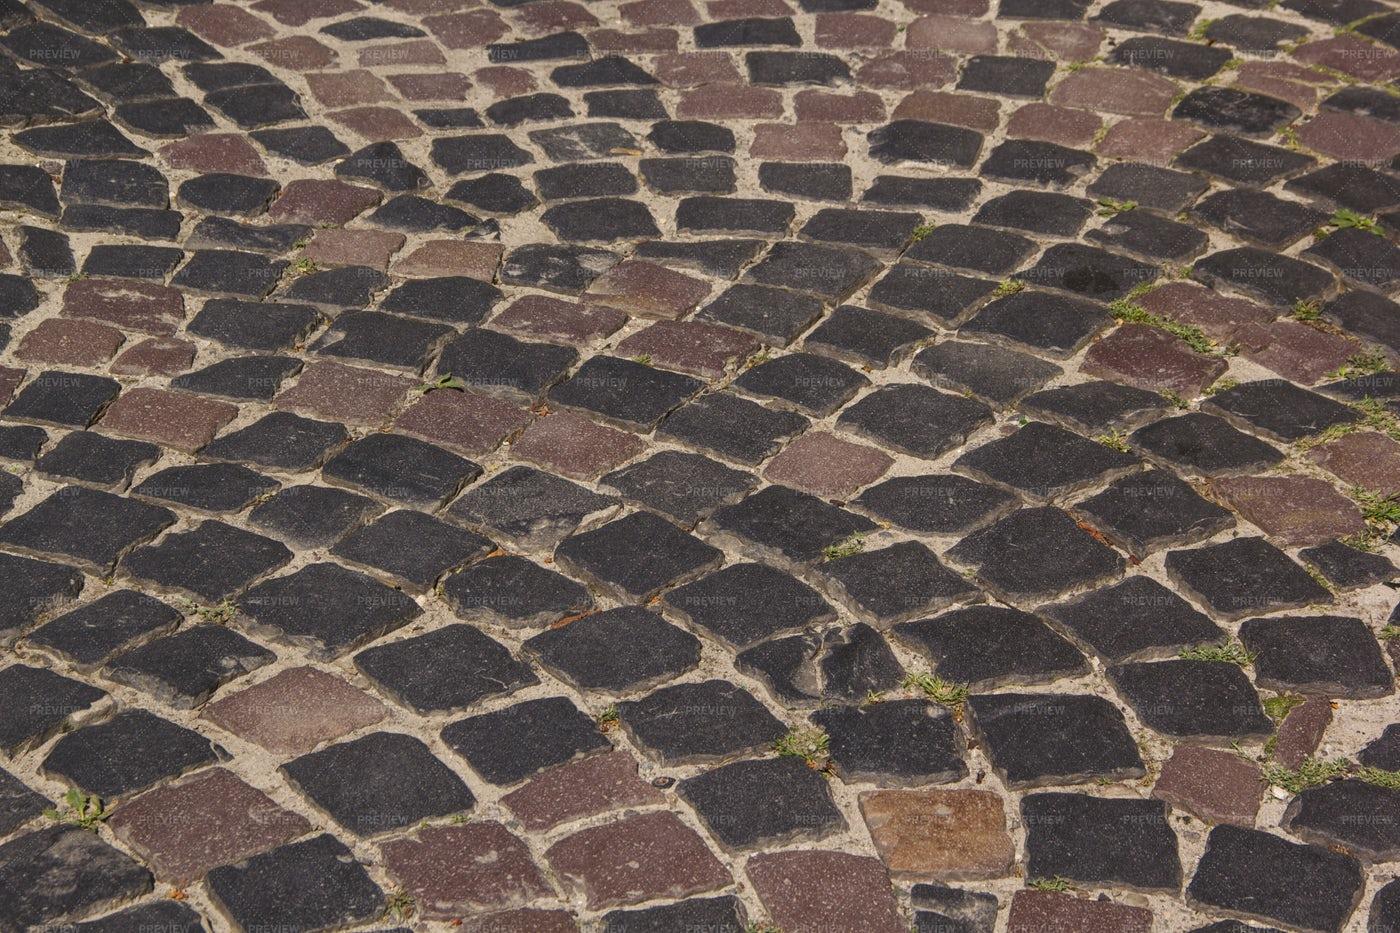 Texture Of Cobblestone: Stock Photos